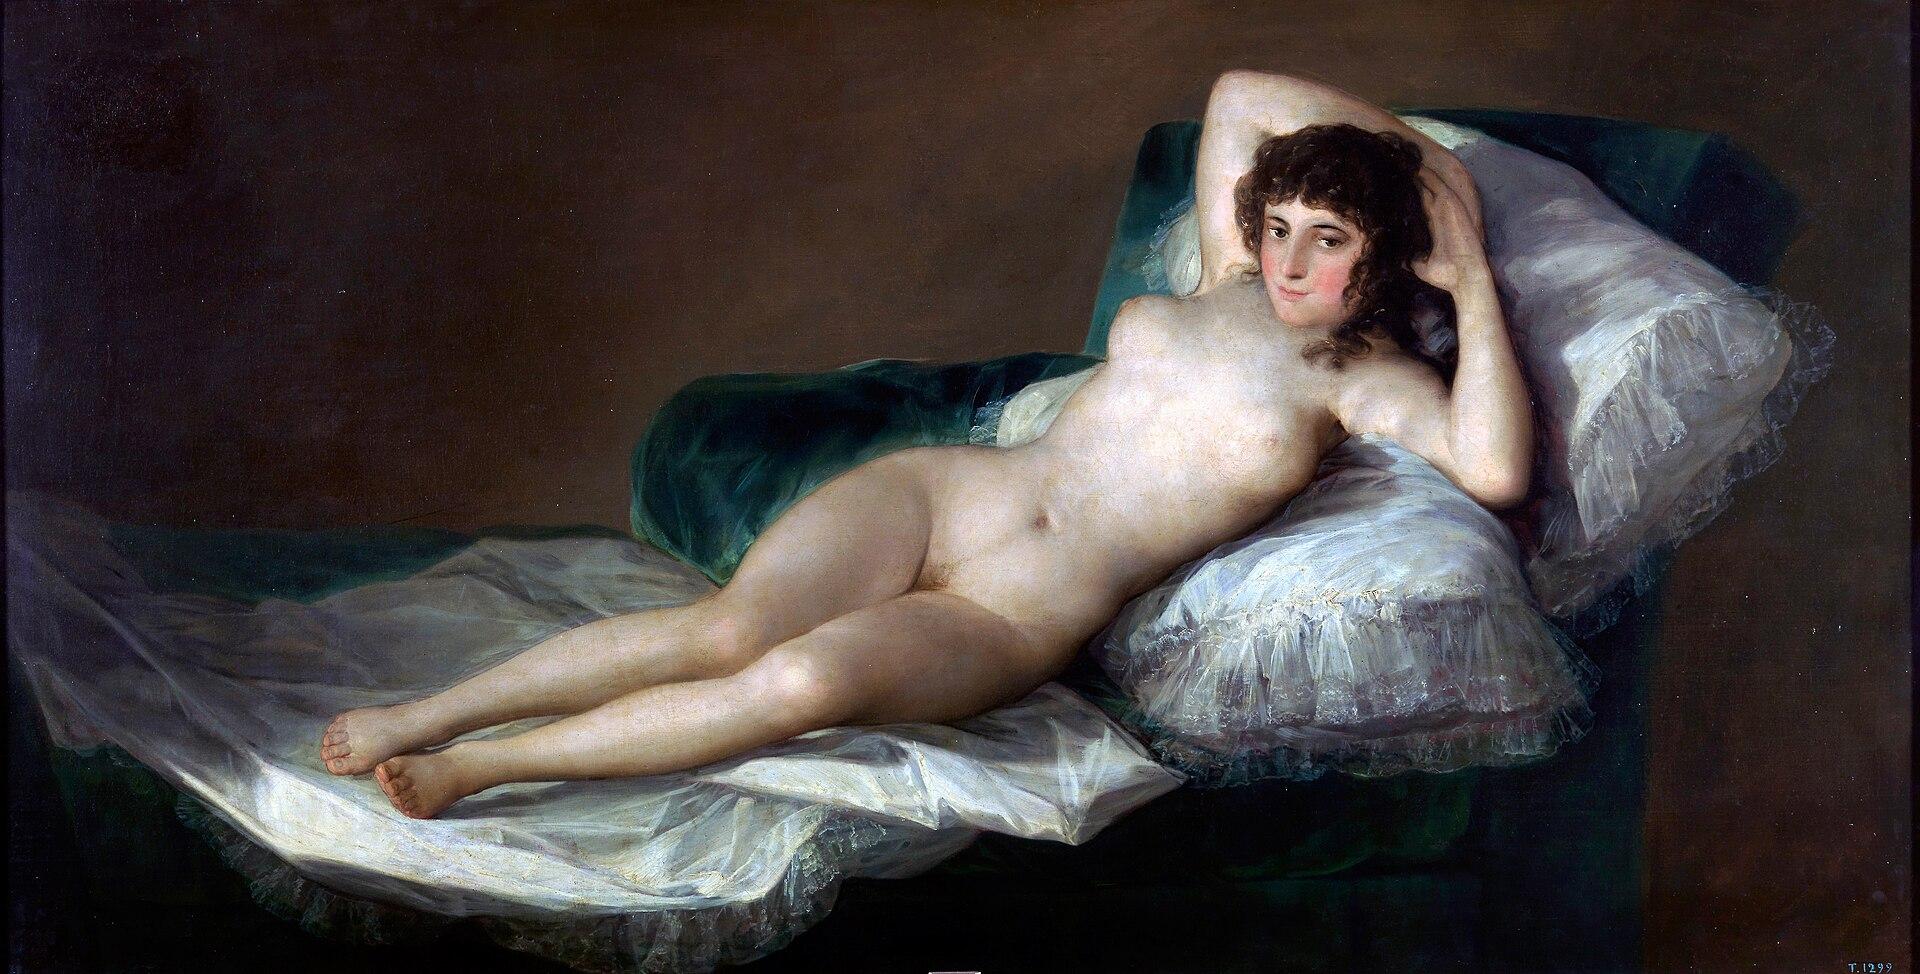 https://upload.wikimedia.org/wikipedia/commons/thumb/4/4c/Goya_Maja_naga2.jpg/1920px-Goya_Maja_naga2.jpg